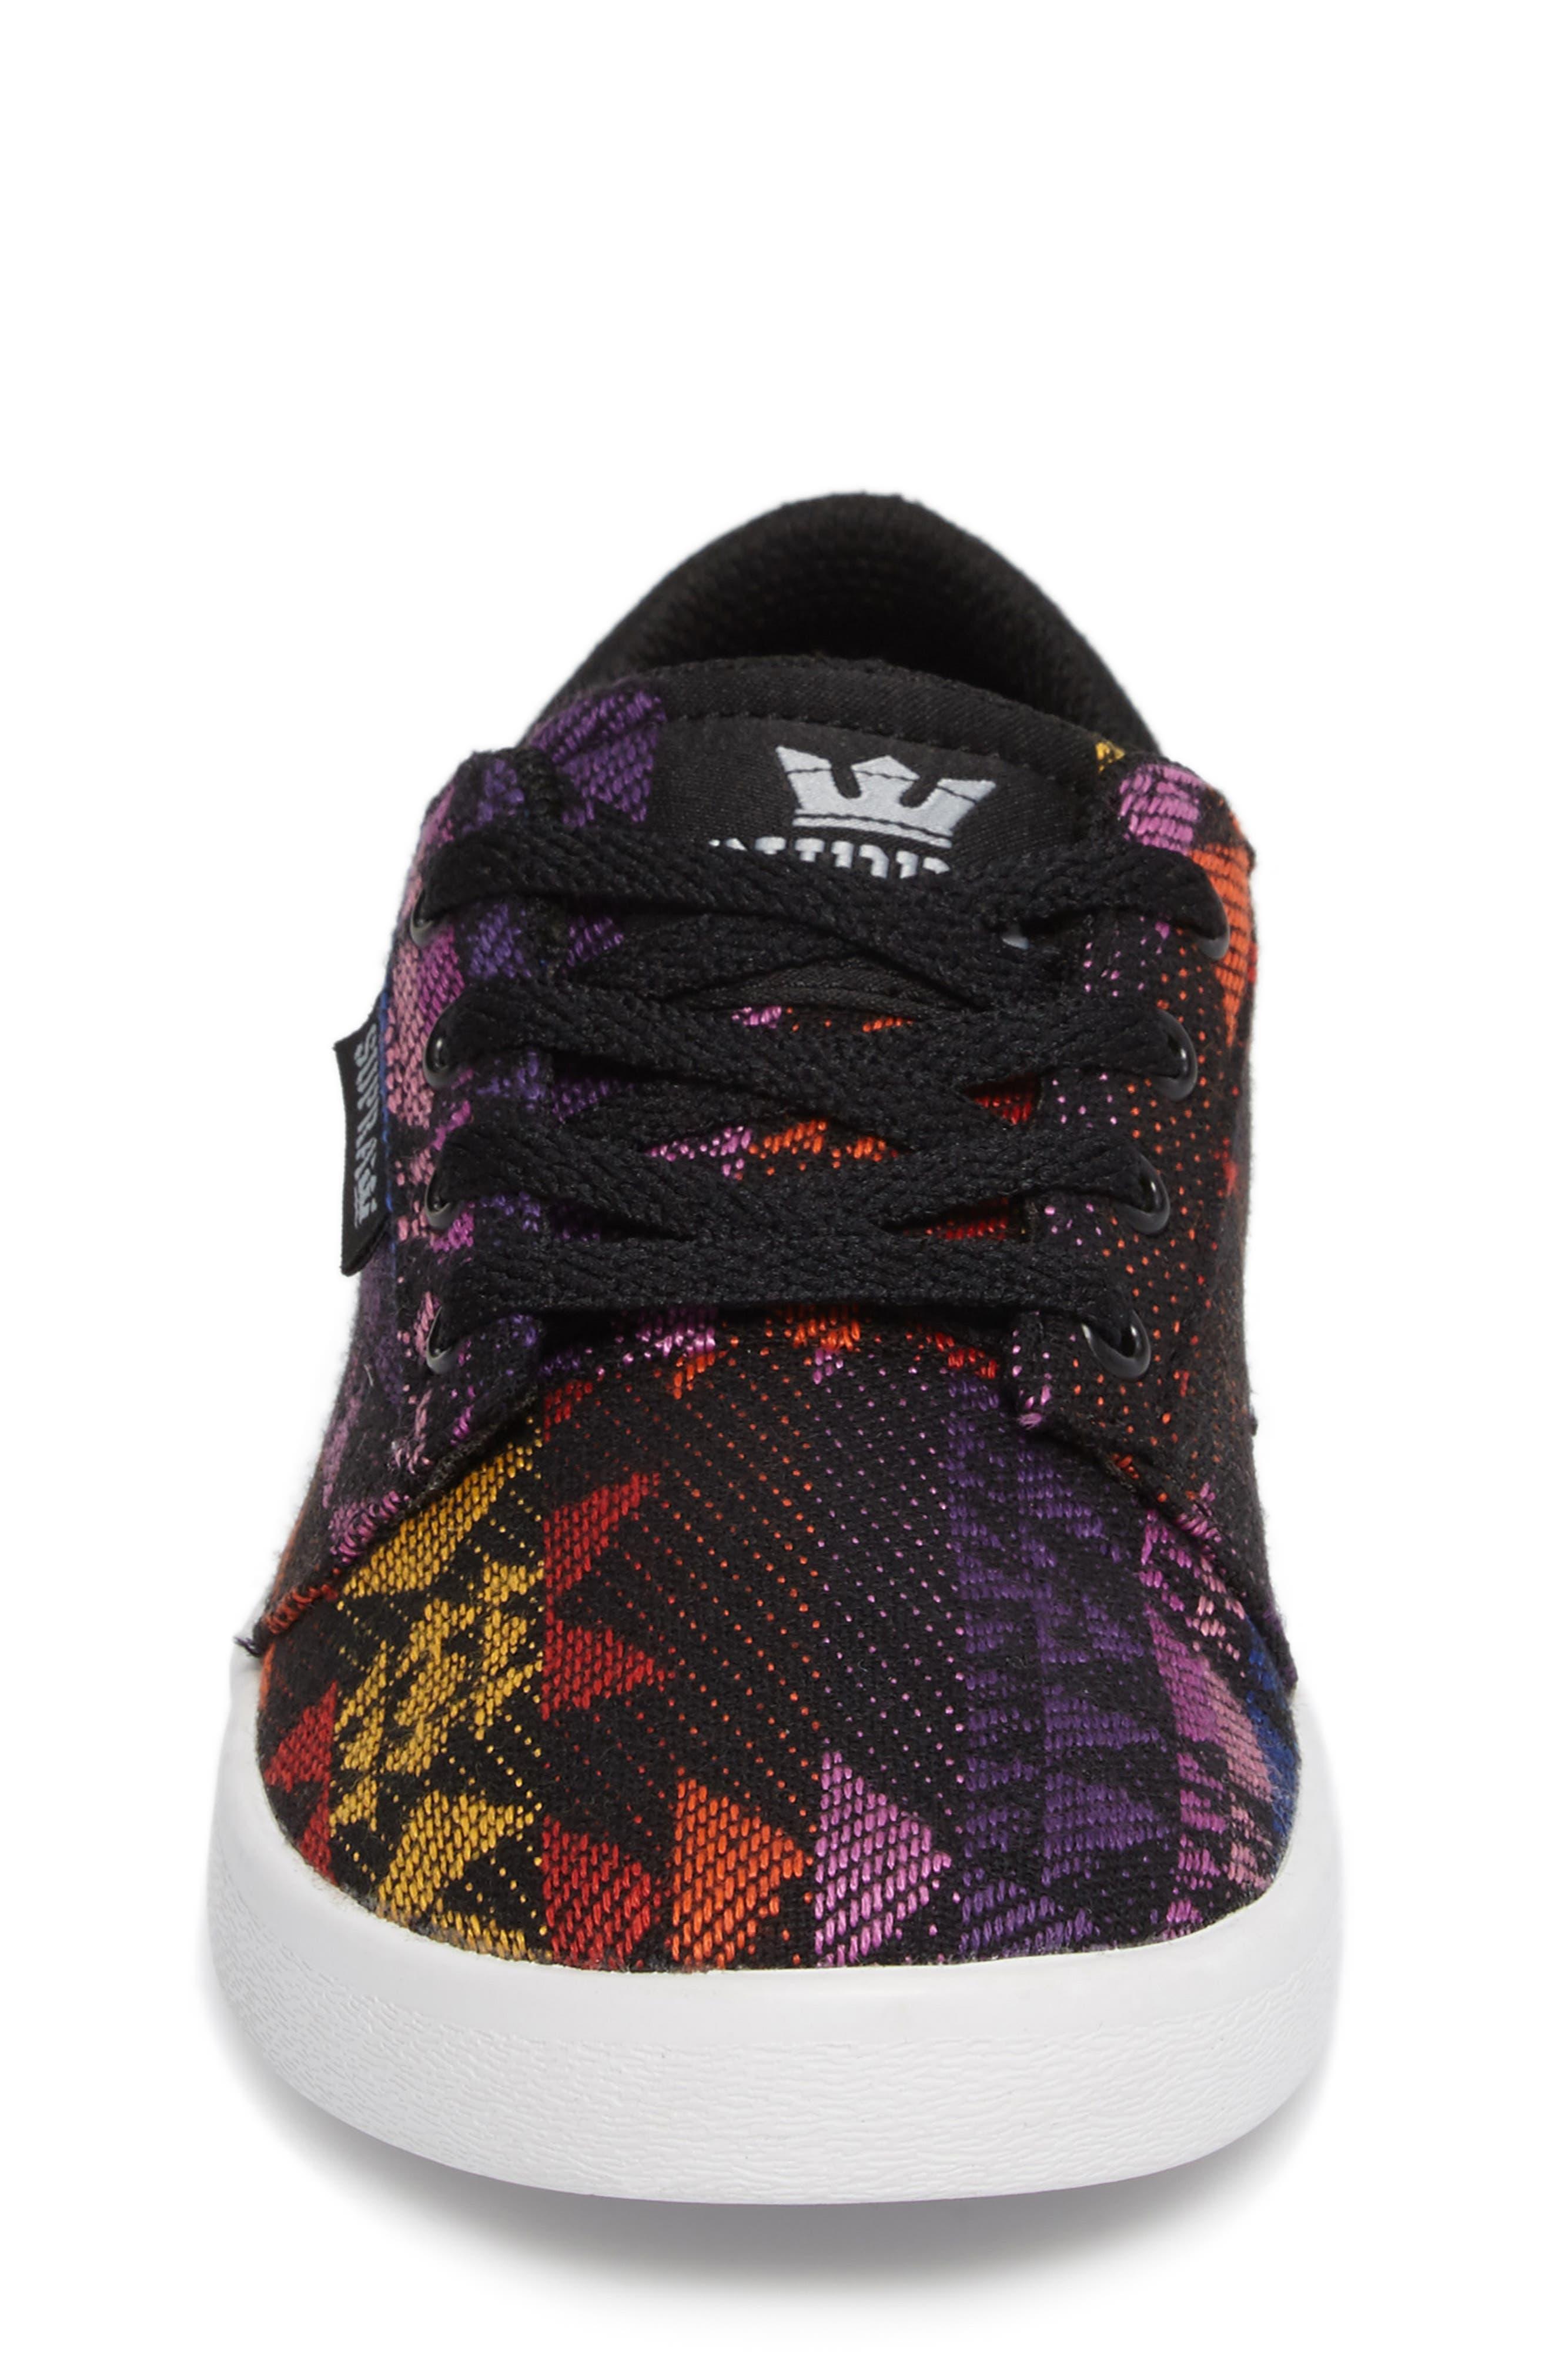 Yorek Low Top Sneaker,                             Alternate thumbnail 4, color,